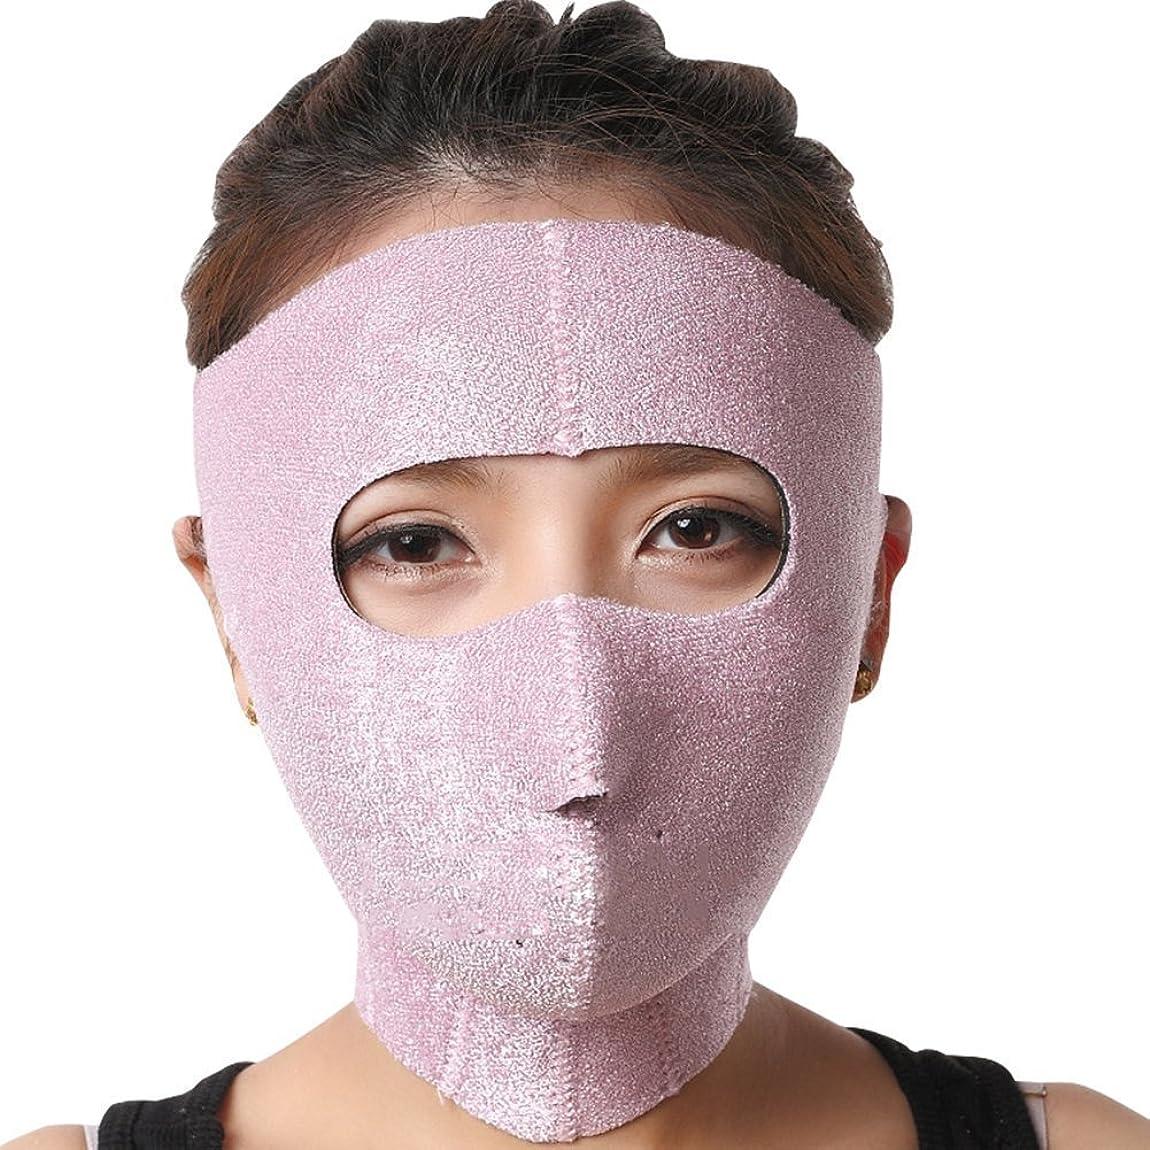 ゴミ箱を空にする気体の進化する汗だくマスク 小顔 サウナ マスク 汗 発汗 フェイス 顔 TEC-KONARUD